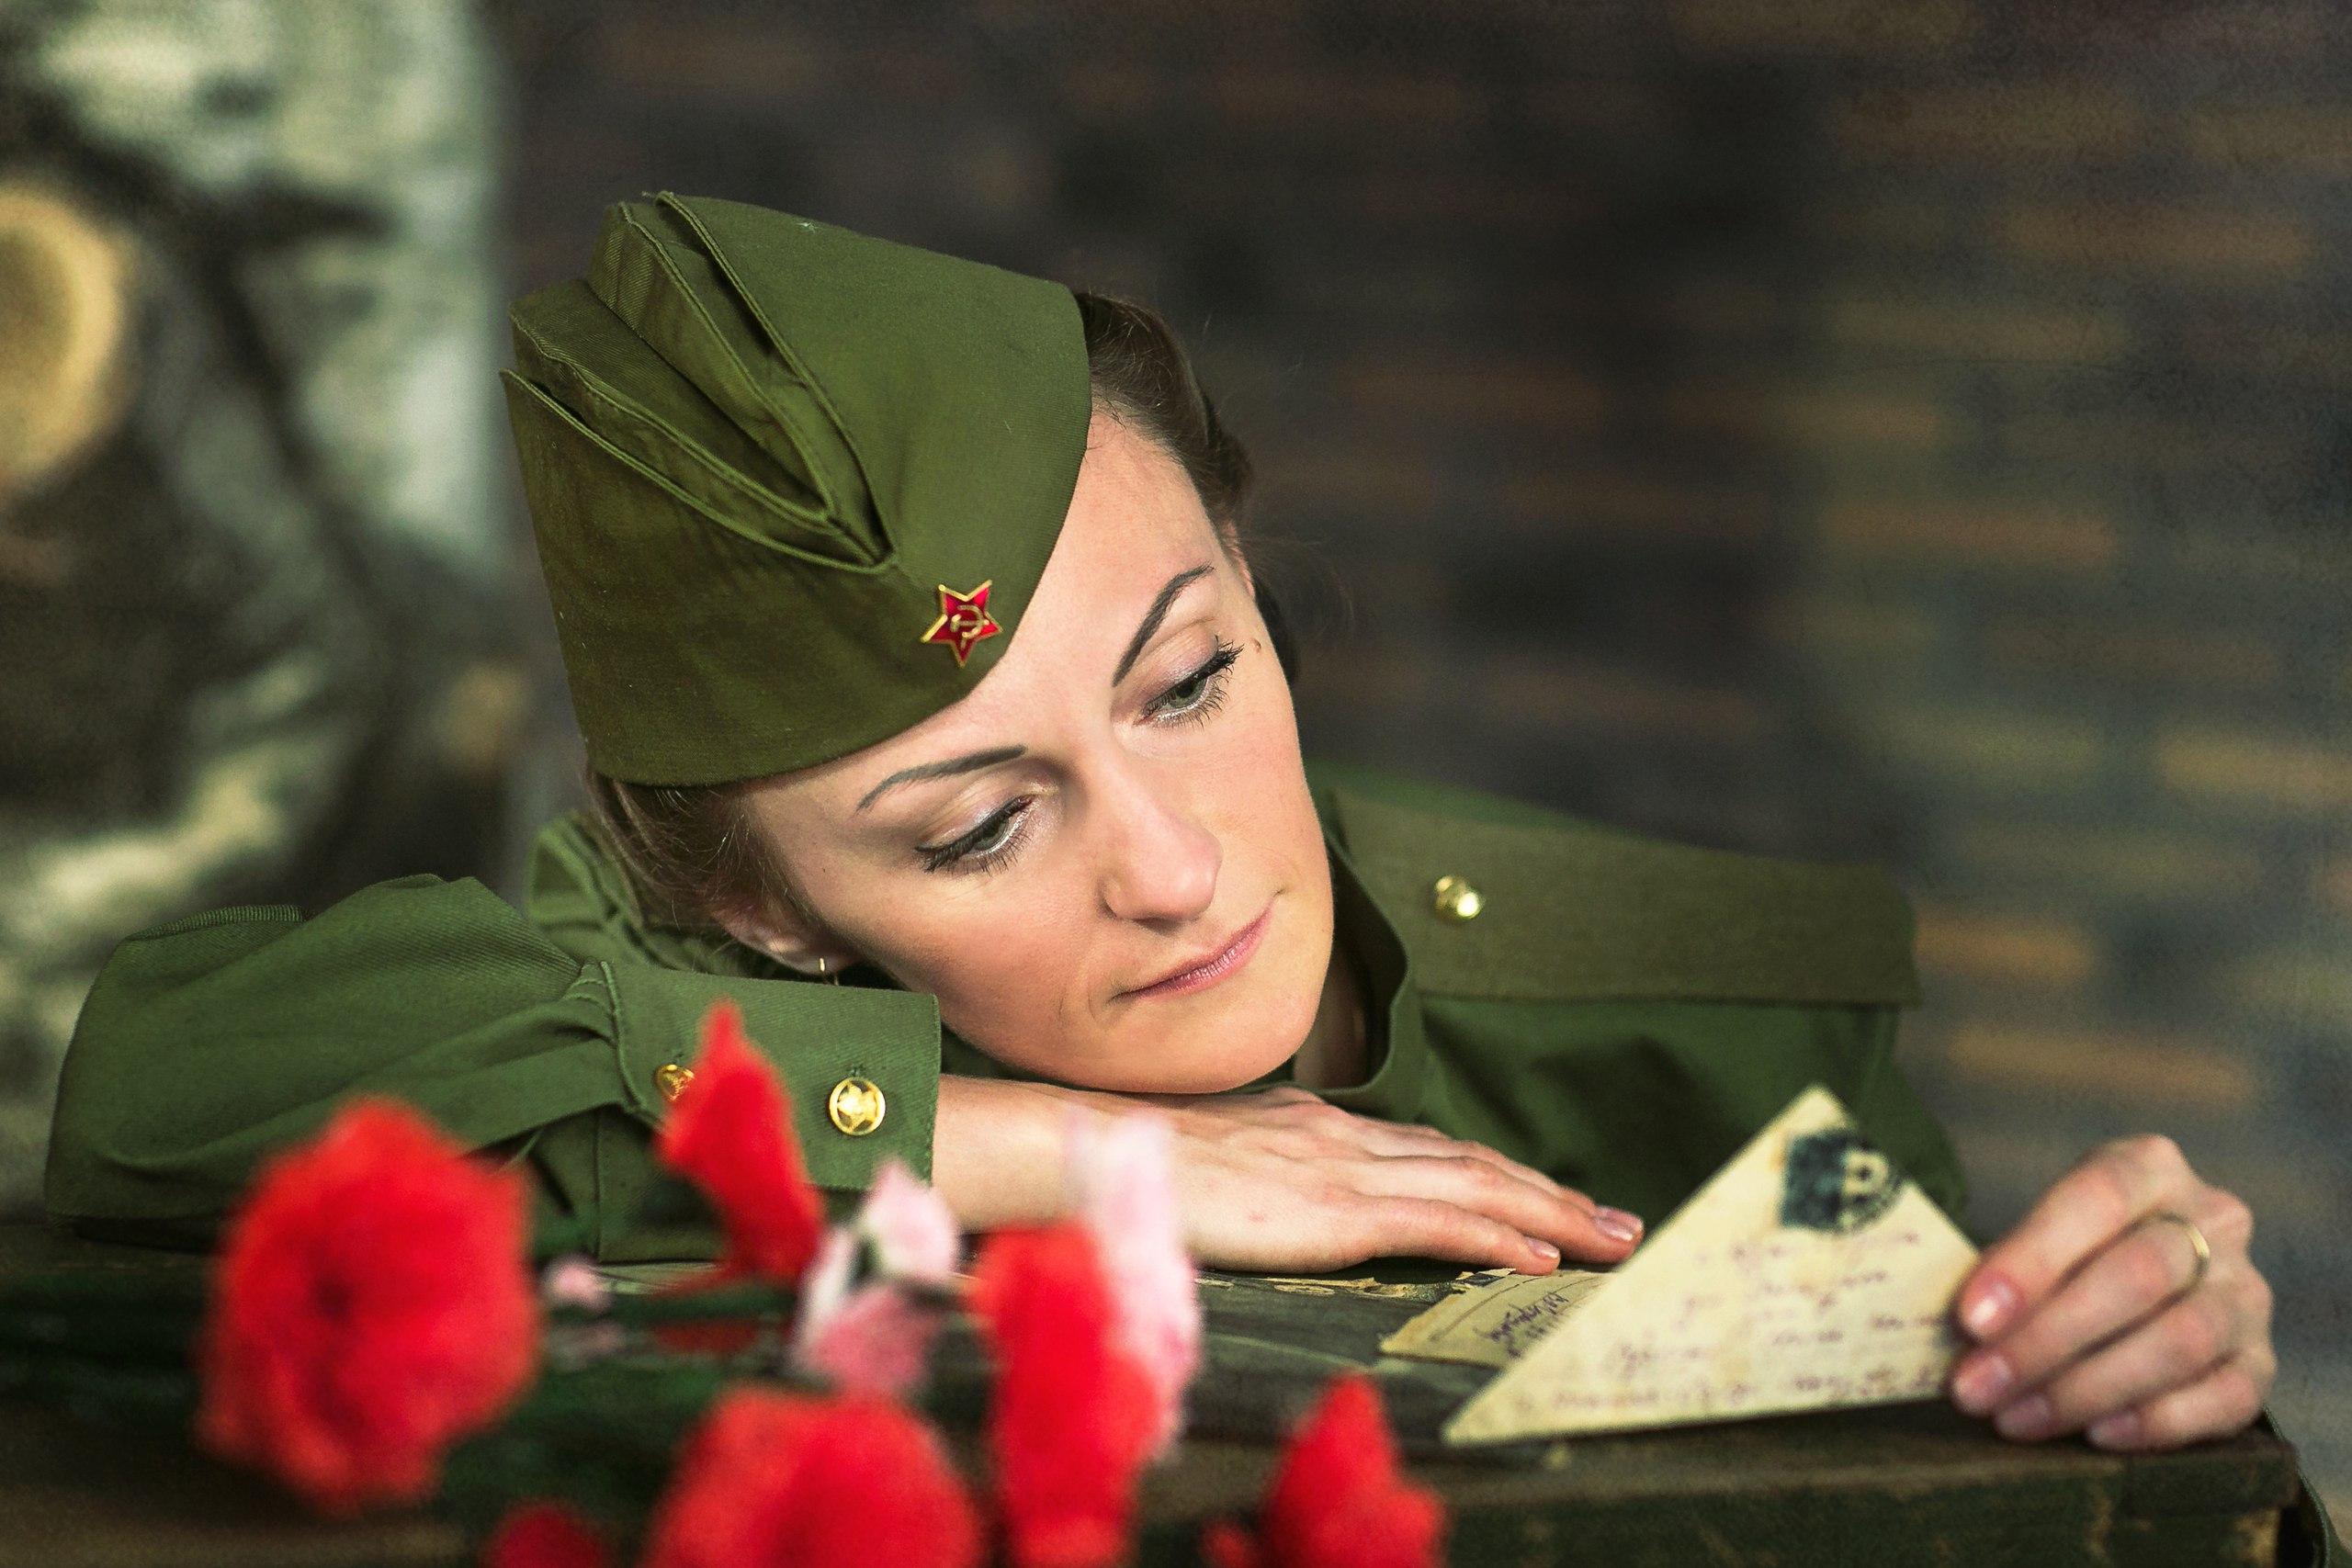 Картинки девушек военная тематика